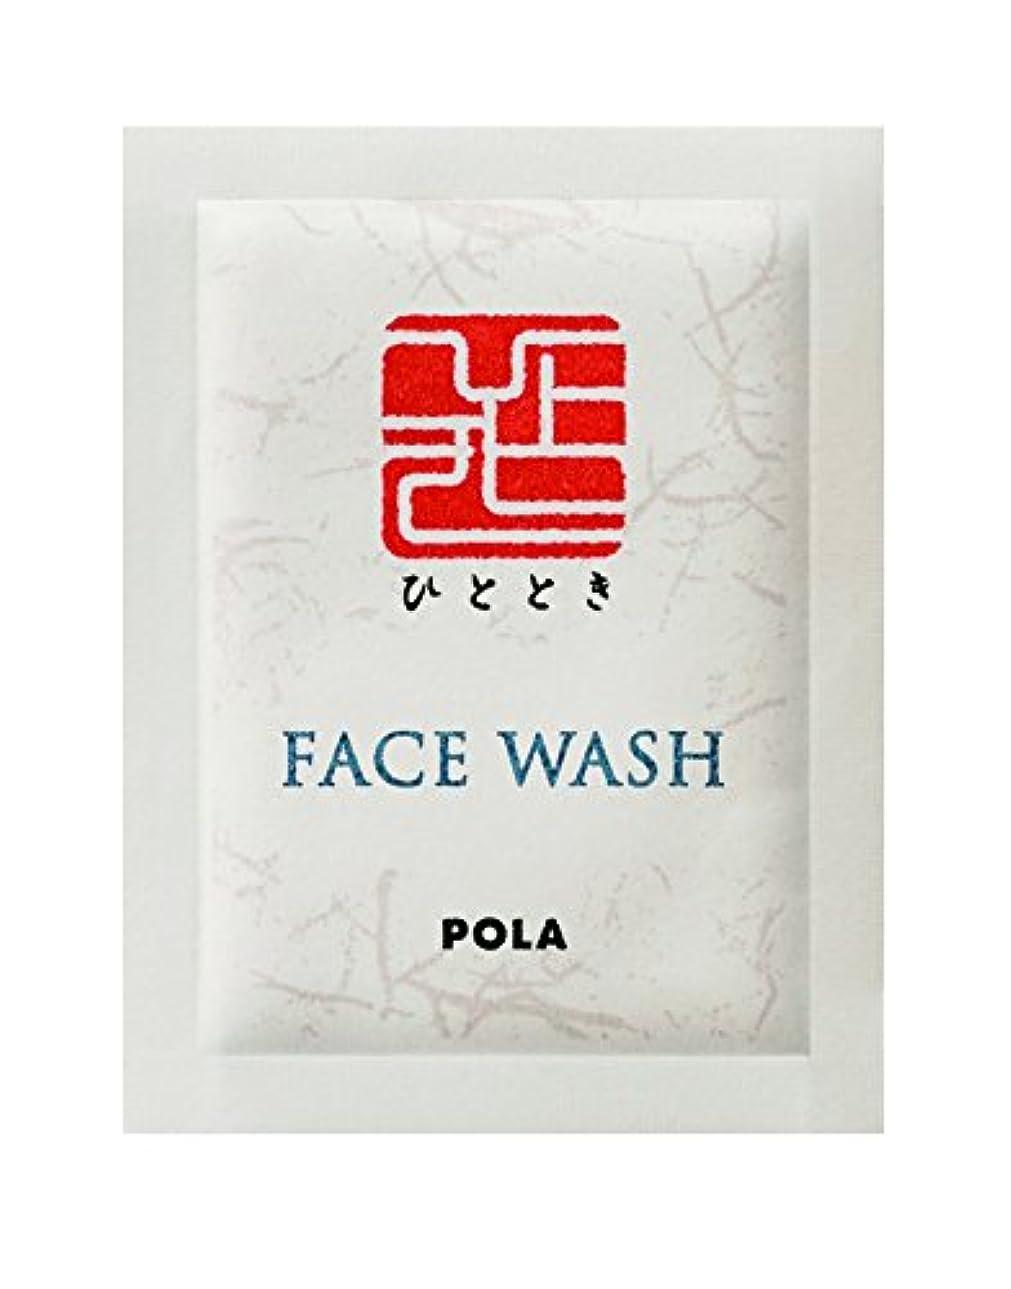 さびた着る拳POLA ひととき フェイスウォッシュ 洗顔料 個包装タイプ 2g×100包